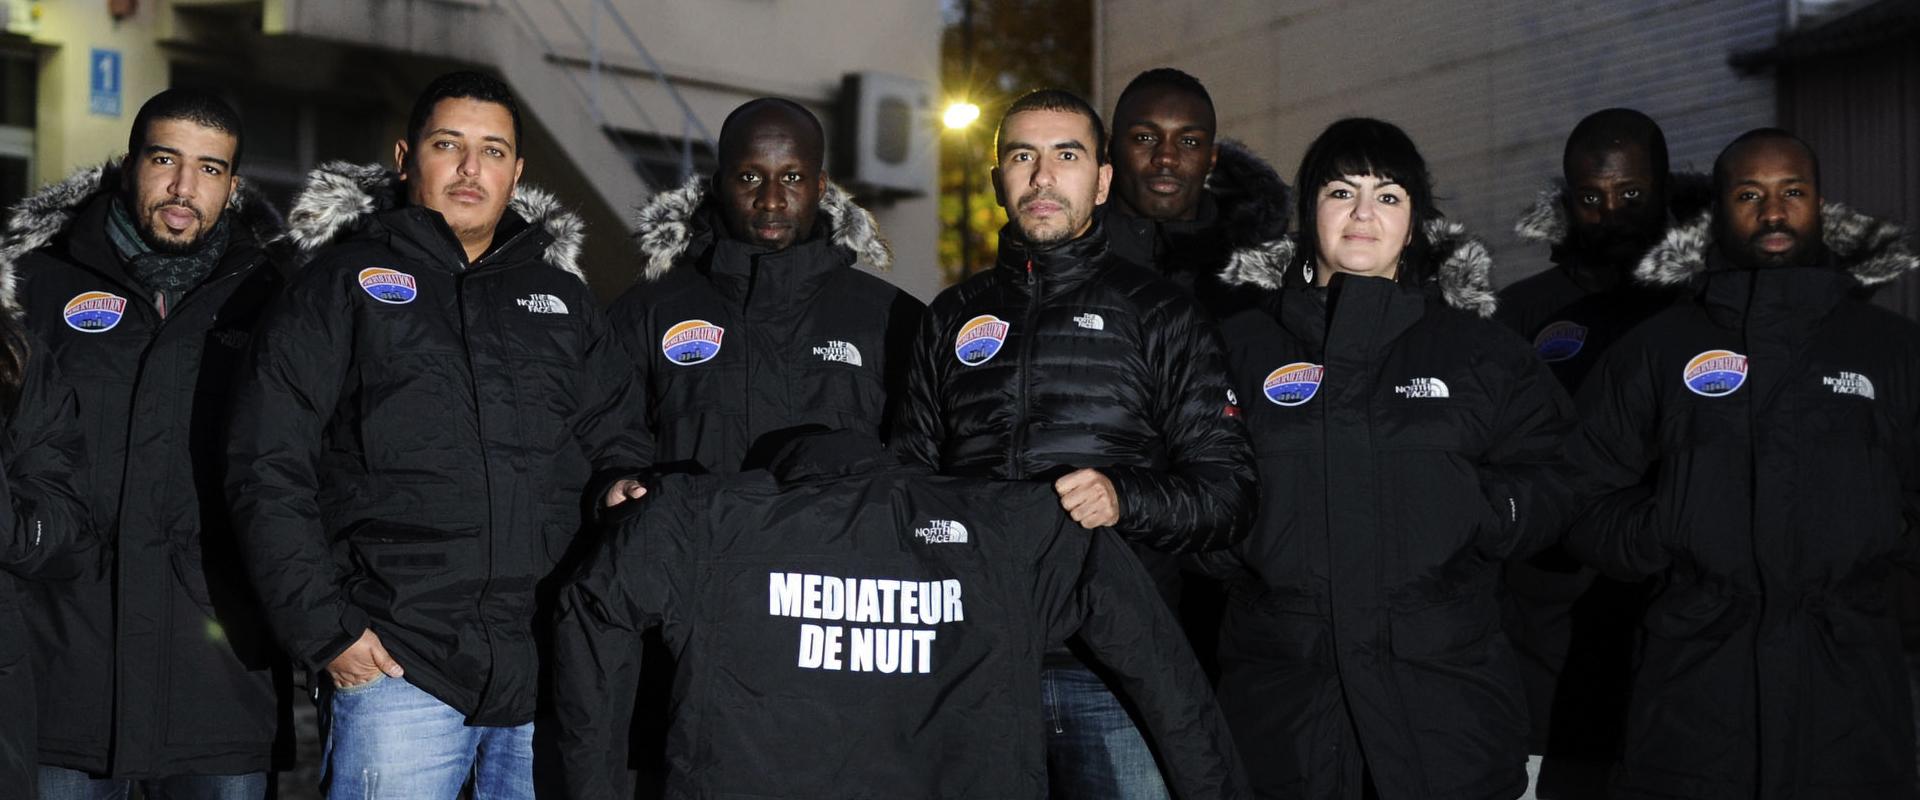 Des Equipes de Médiateurs Sociaux de Nuits à Aubervilliers